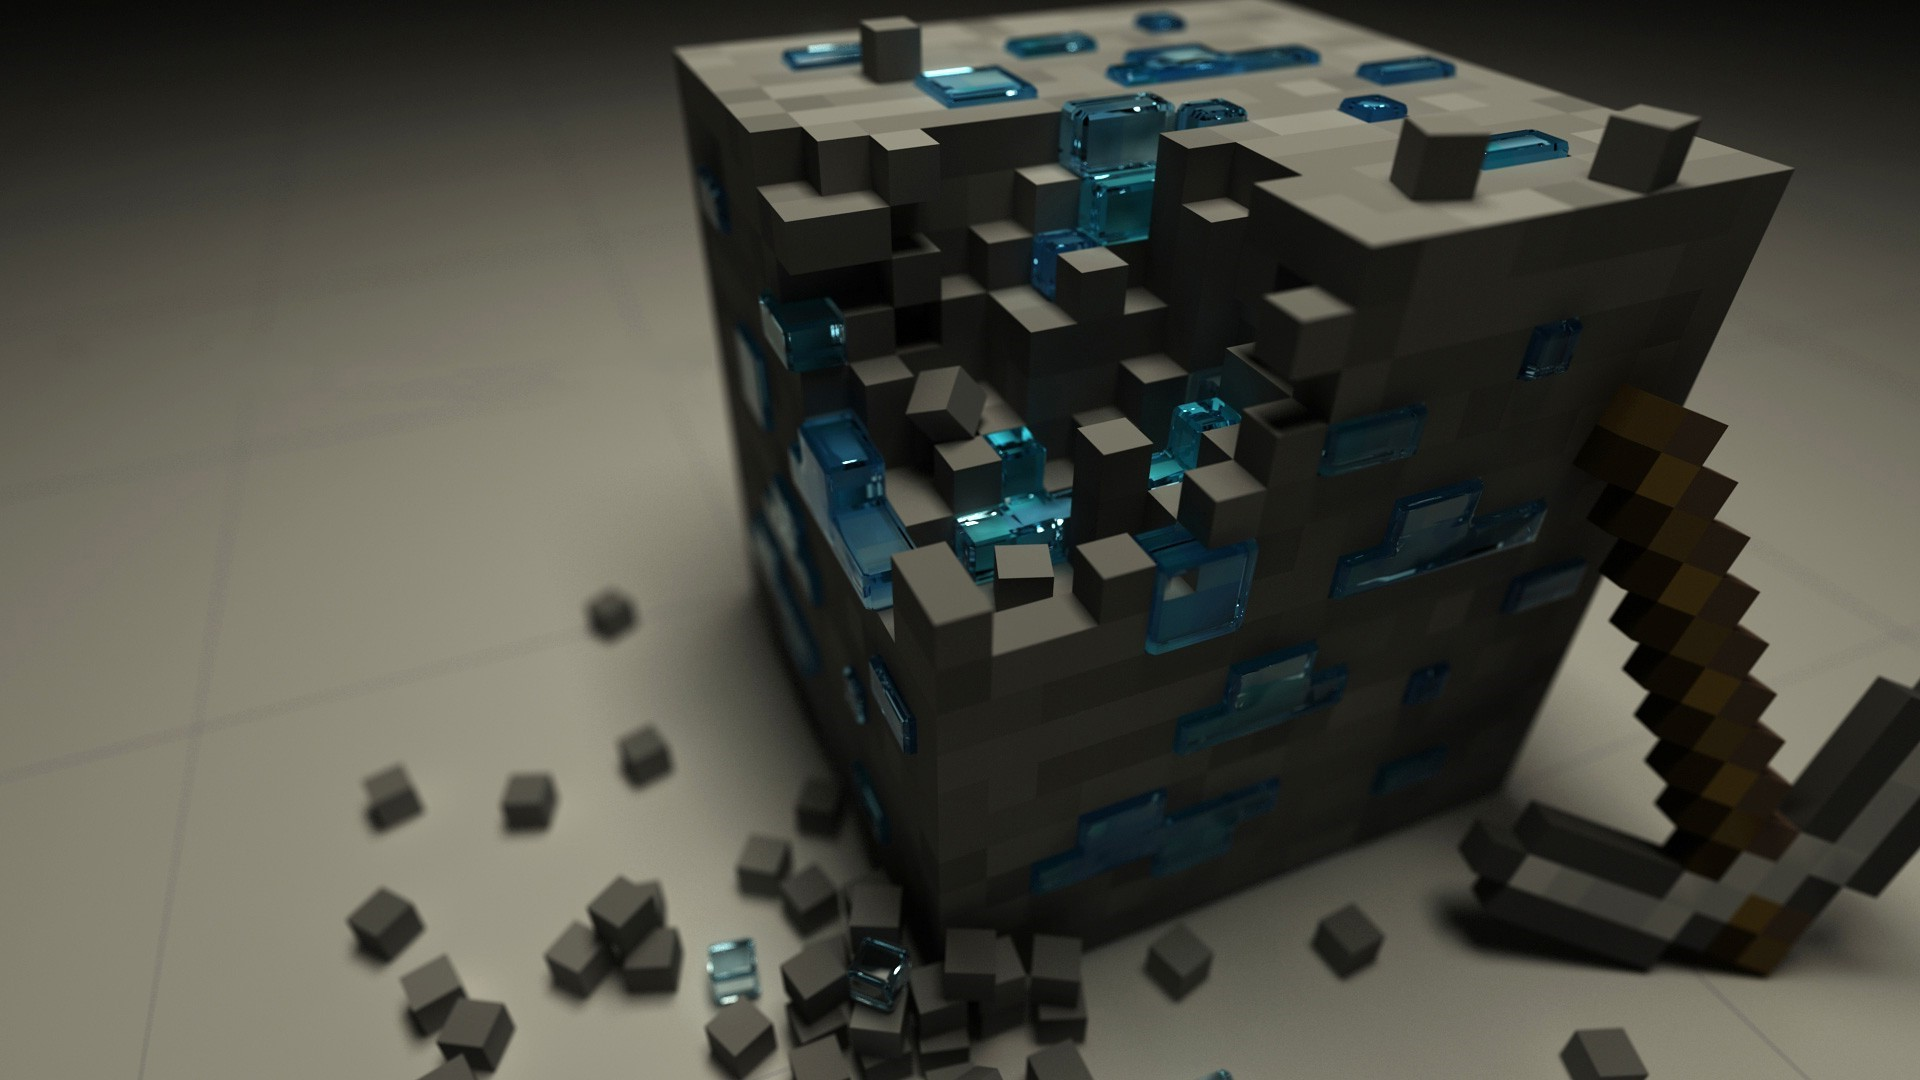 Minecraft 3d Wallpaper And Background Jpg 221 Kb Minecraft